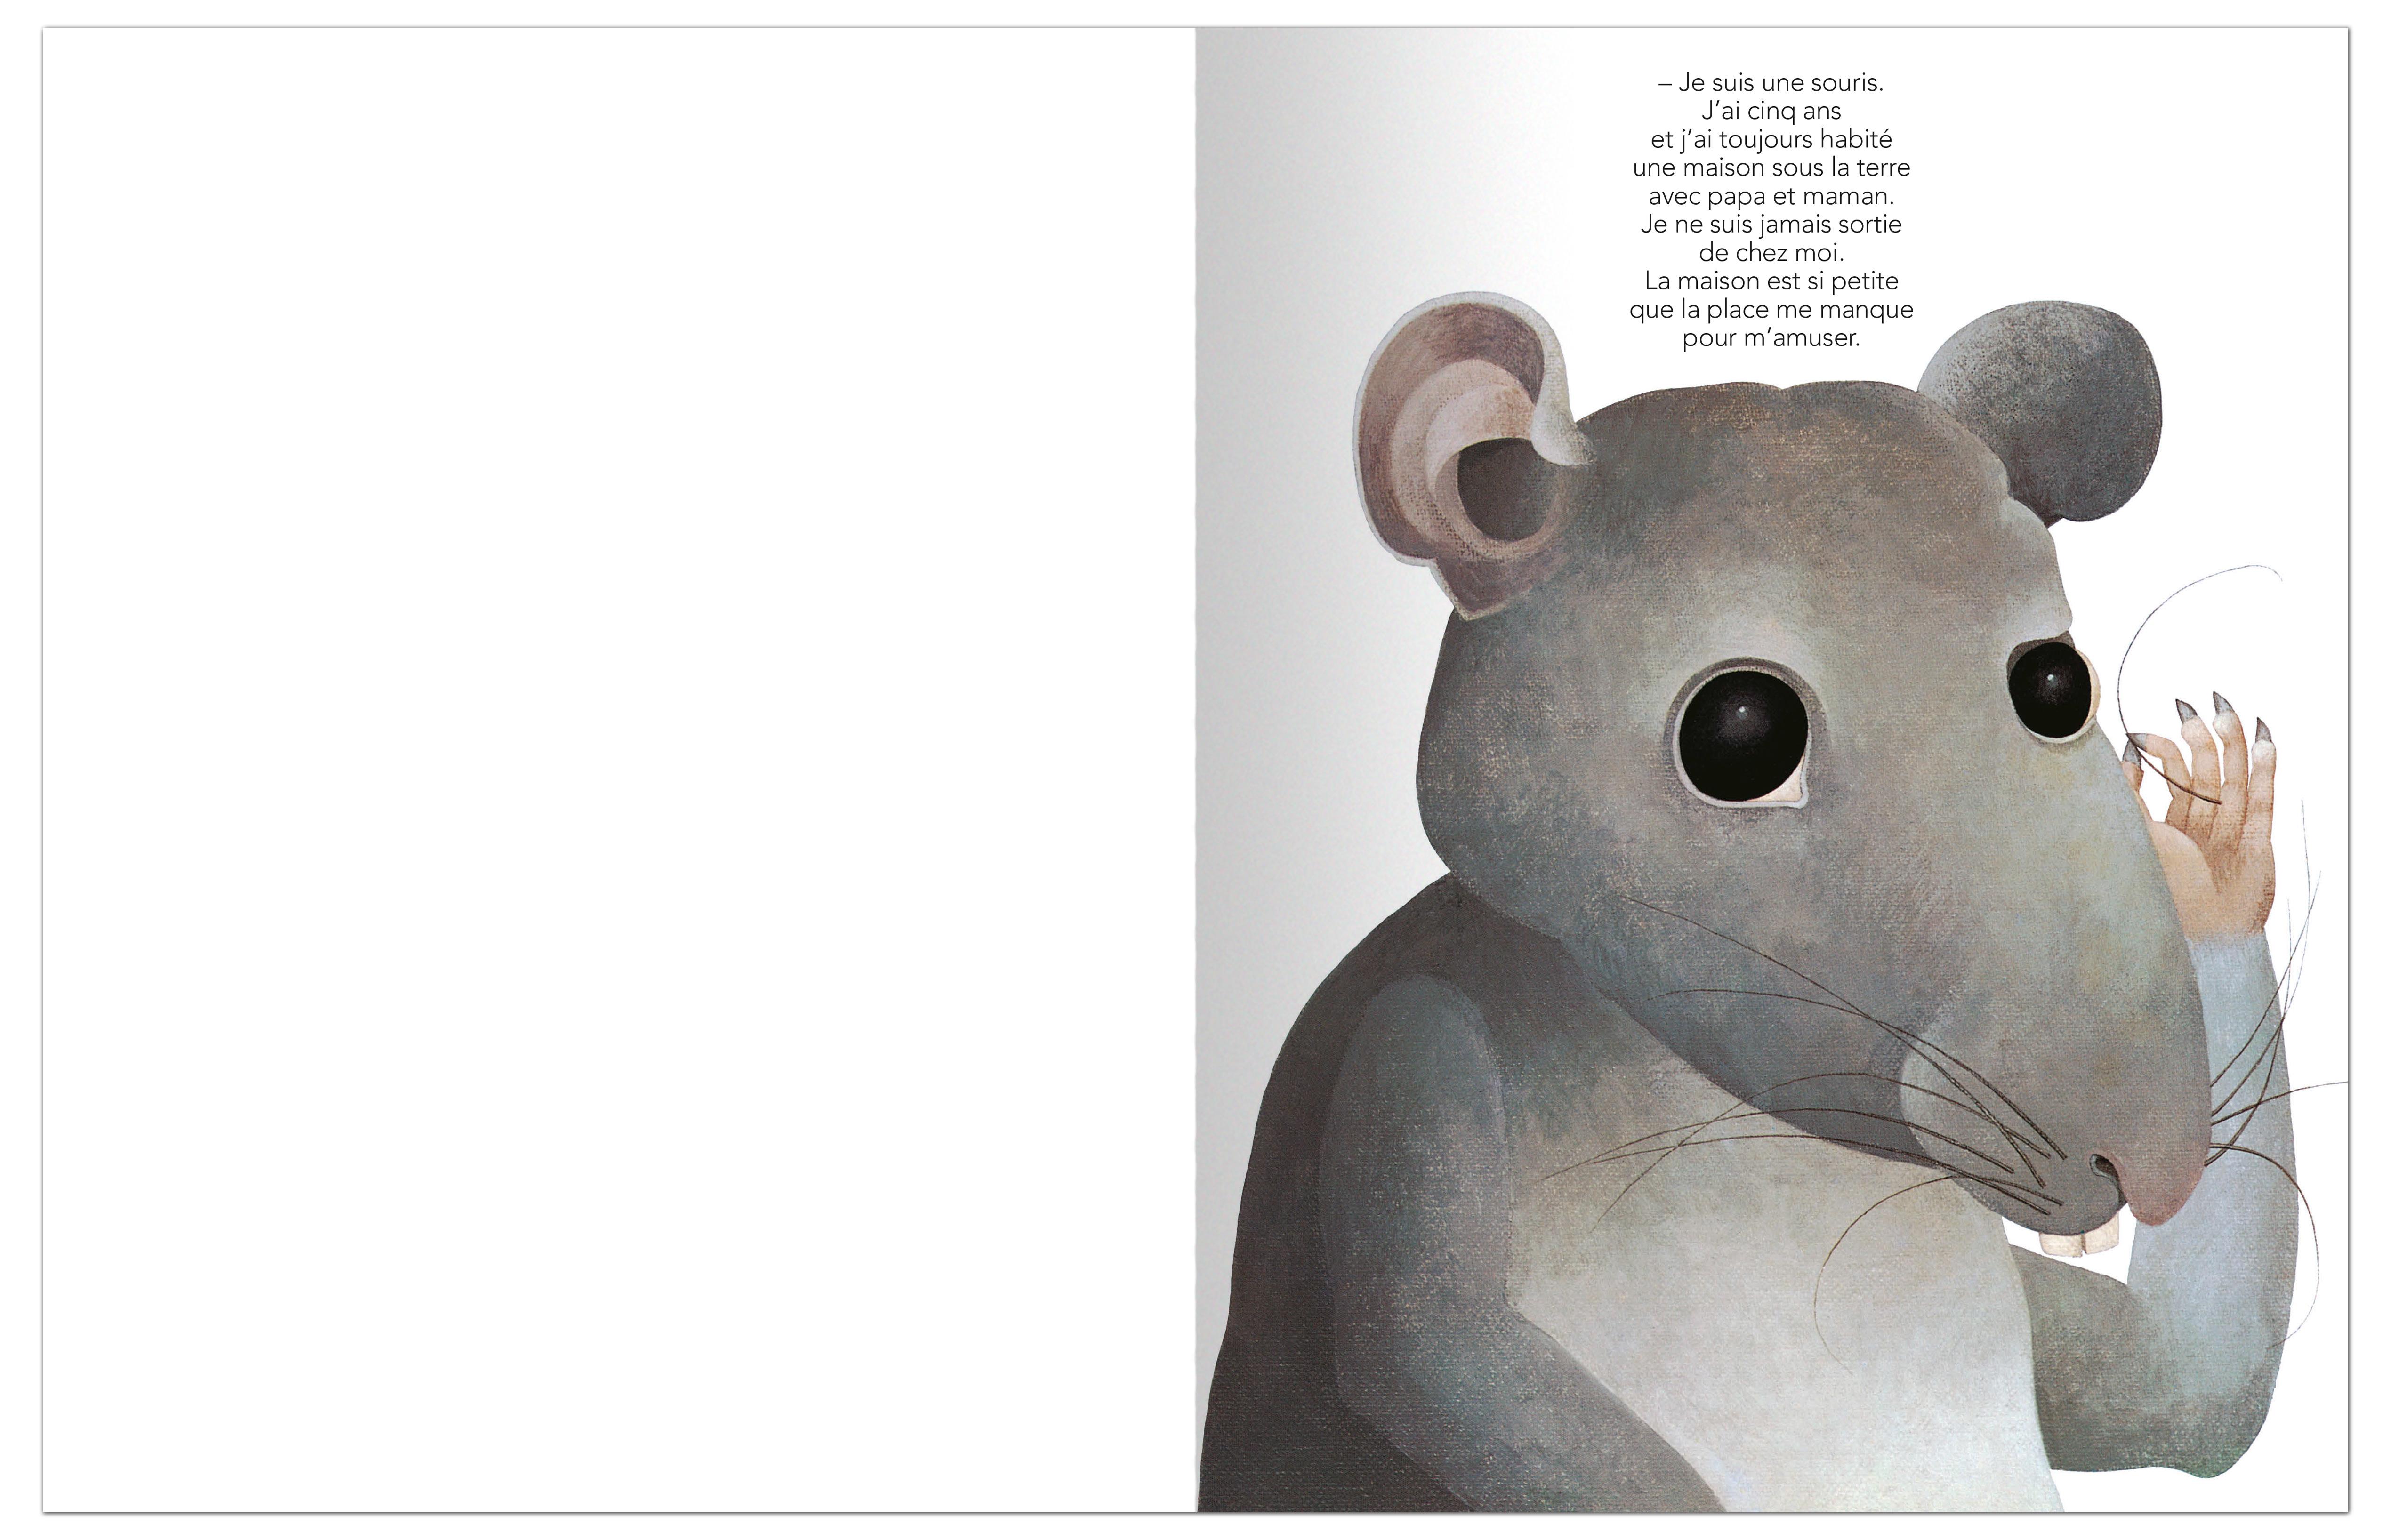 J Ai Une Souris Chez Moi éditions memo — comment la souris reçoit une pierre sur la